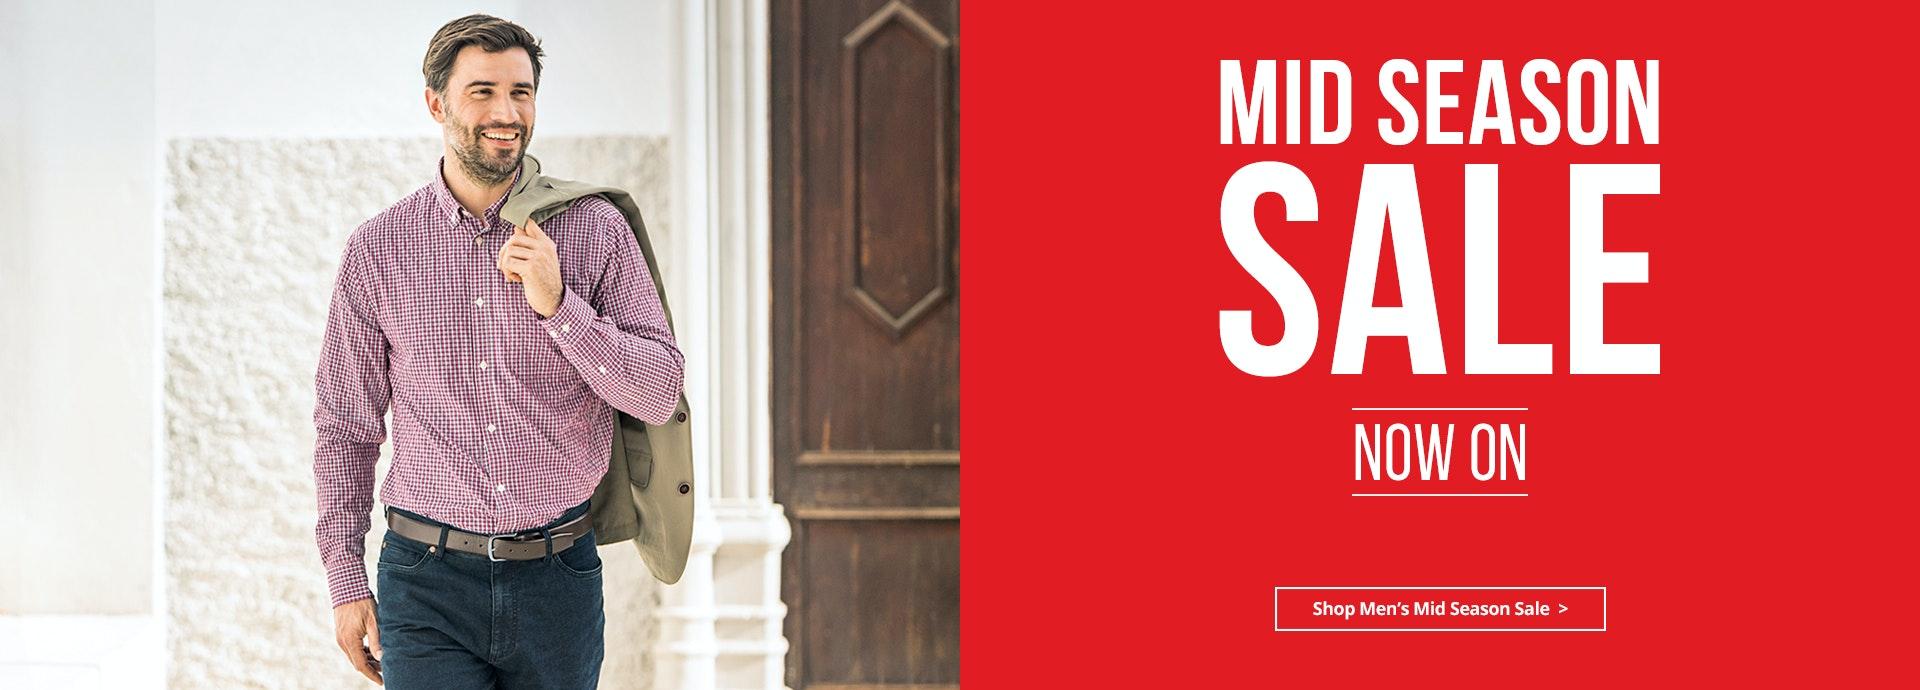 Men's Mid Season Sale